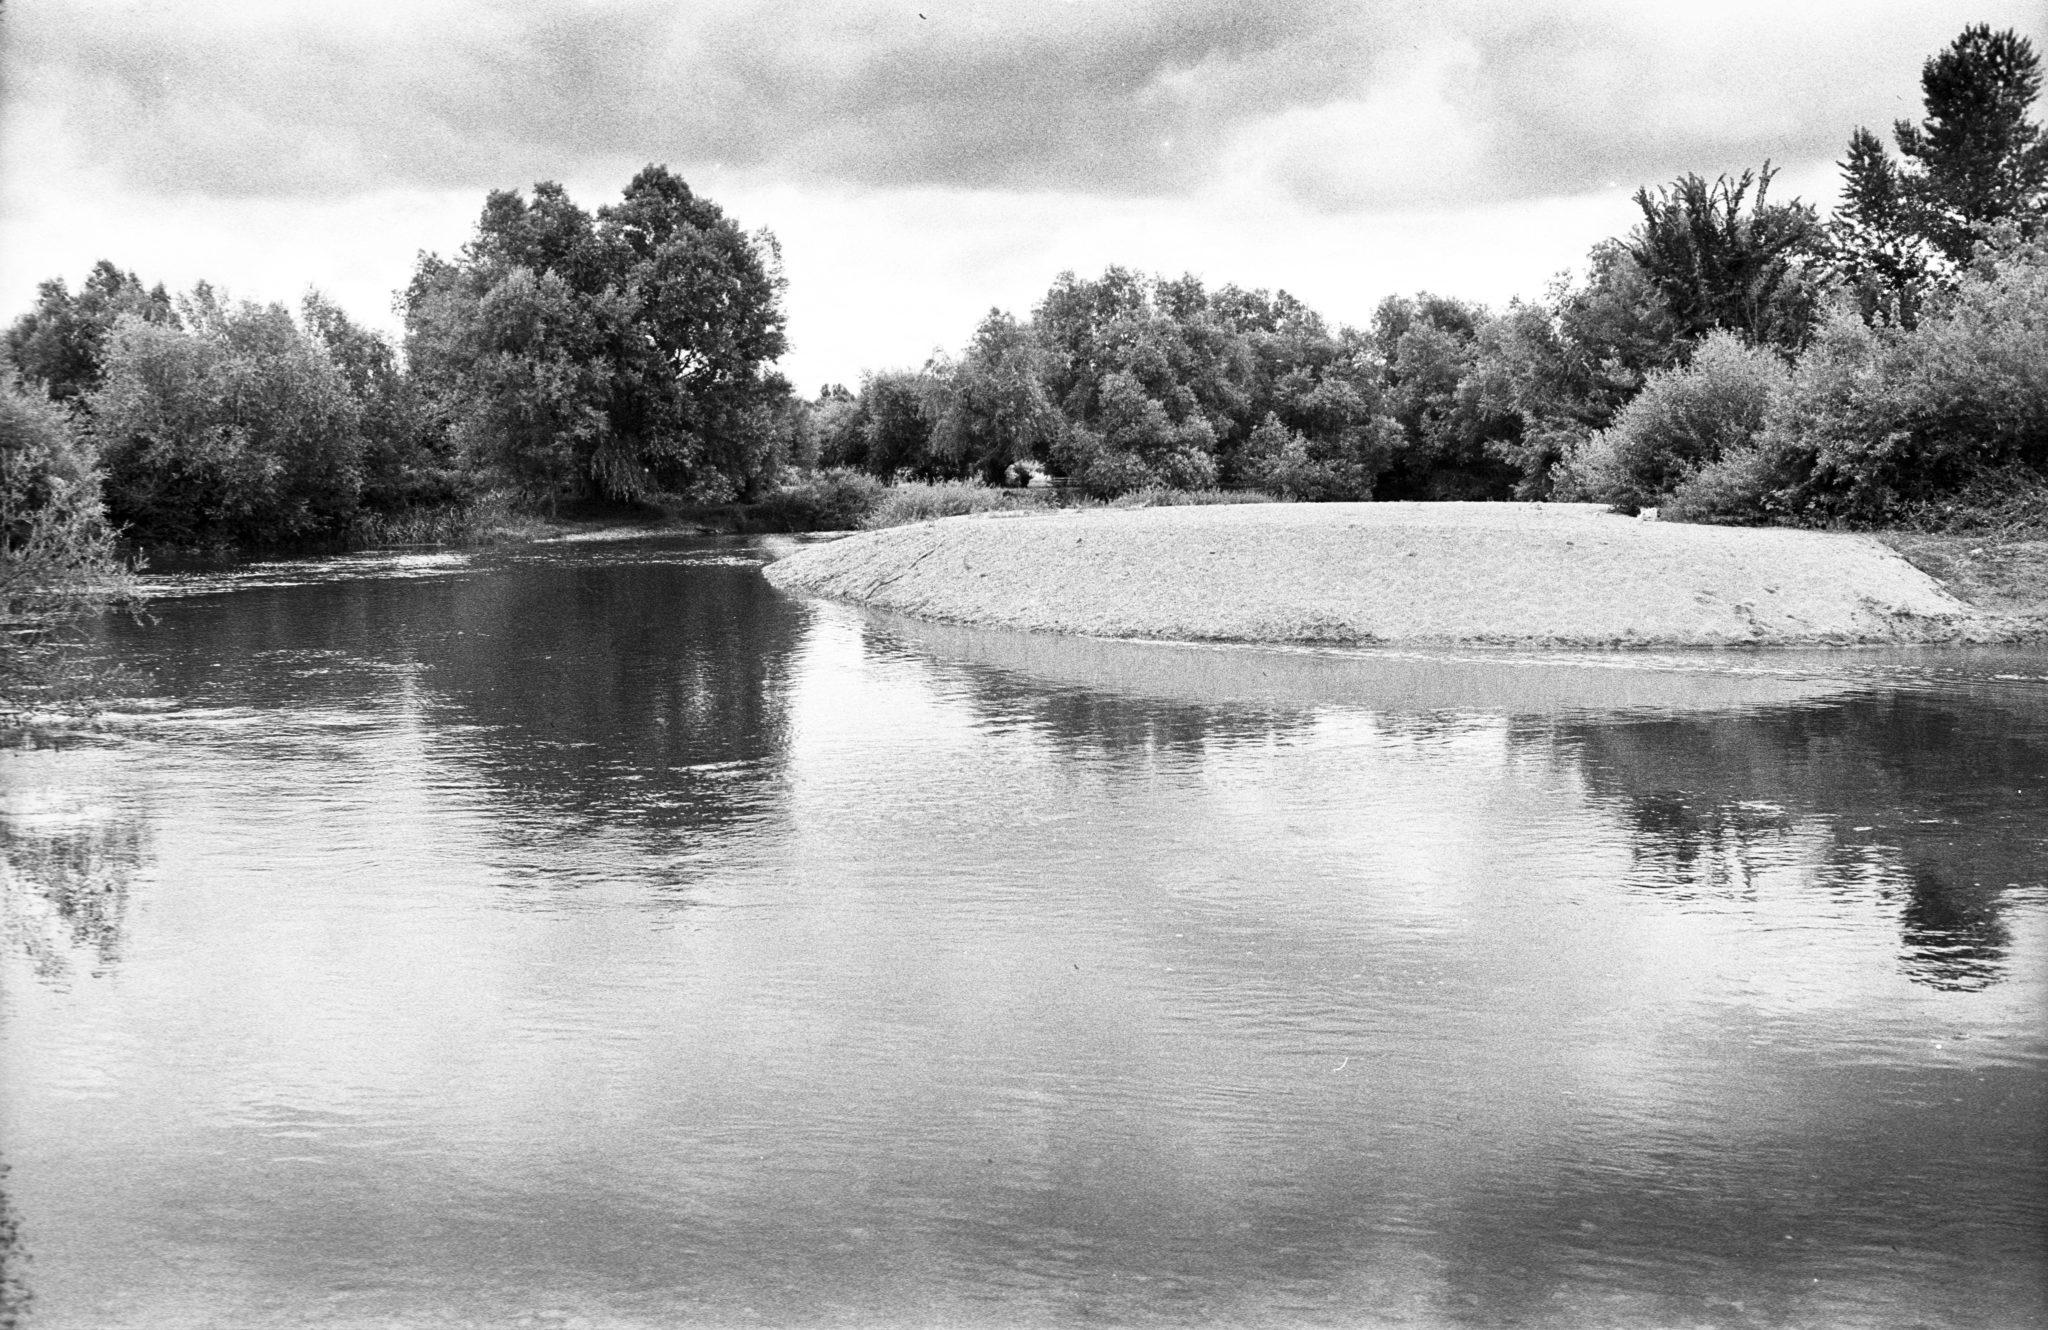 Řeka Nera u Bele Crkve- velmi čistá a chladivá říčka